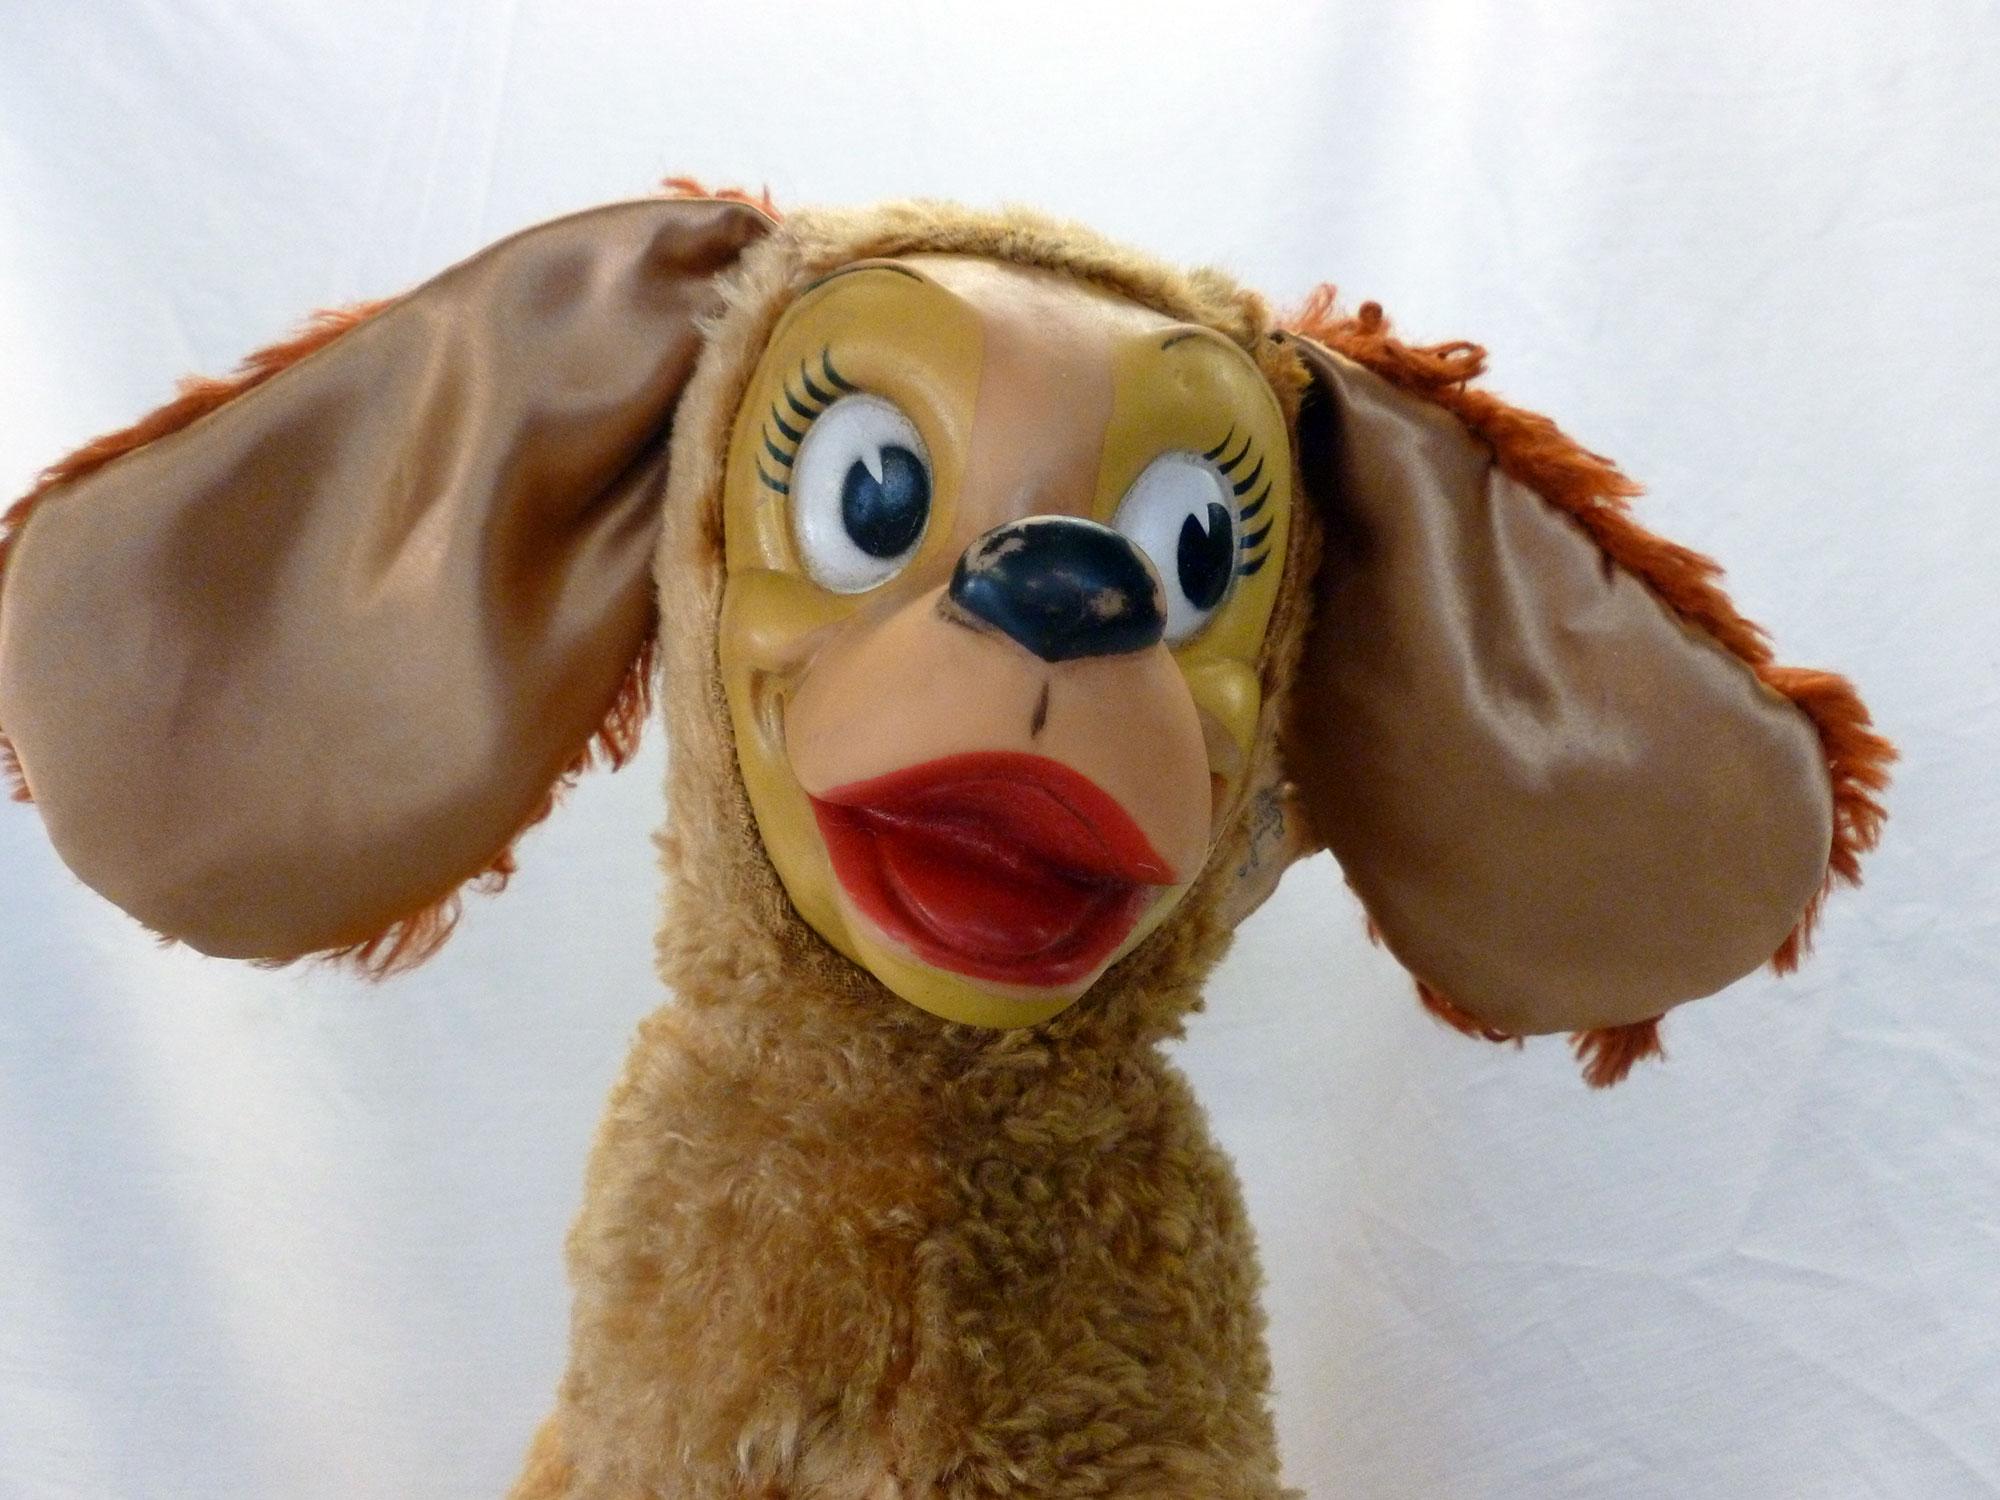 Restored Vintage Stuffed Animal